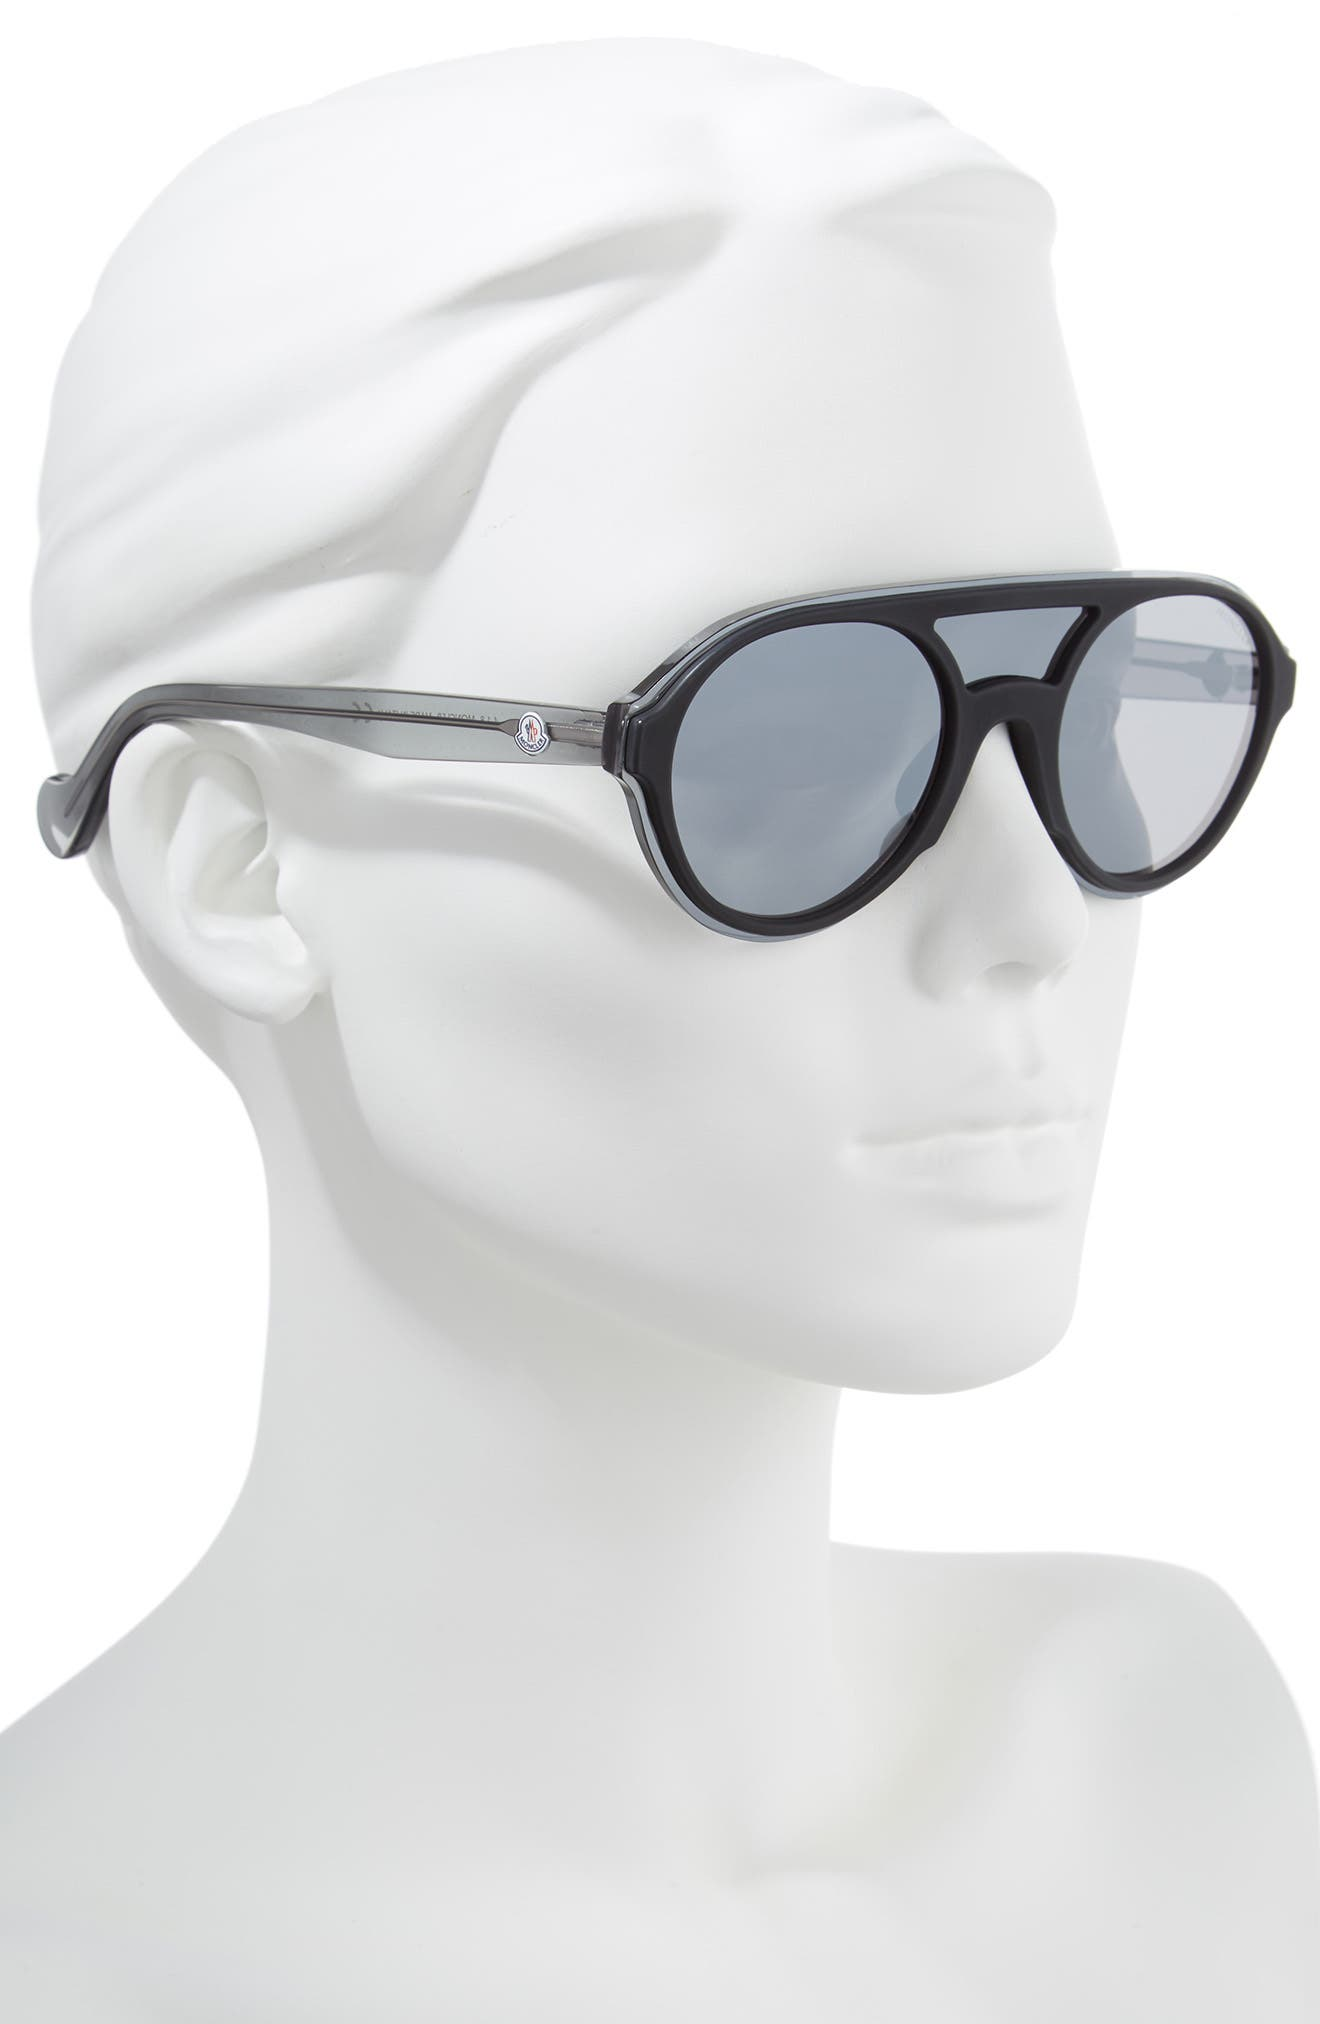 2fdf94b873c64 Moncler Sunglasses for Women